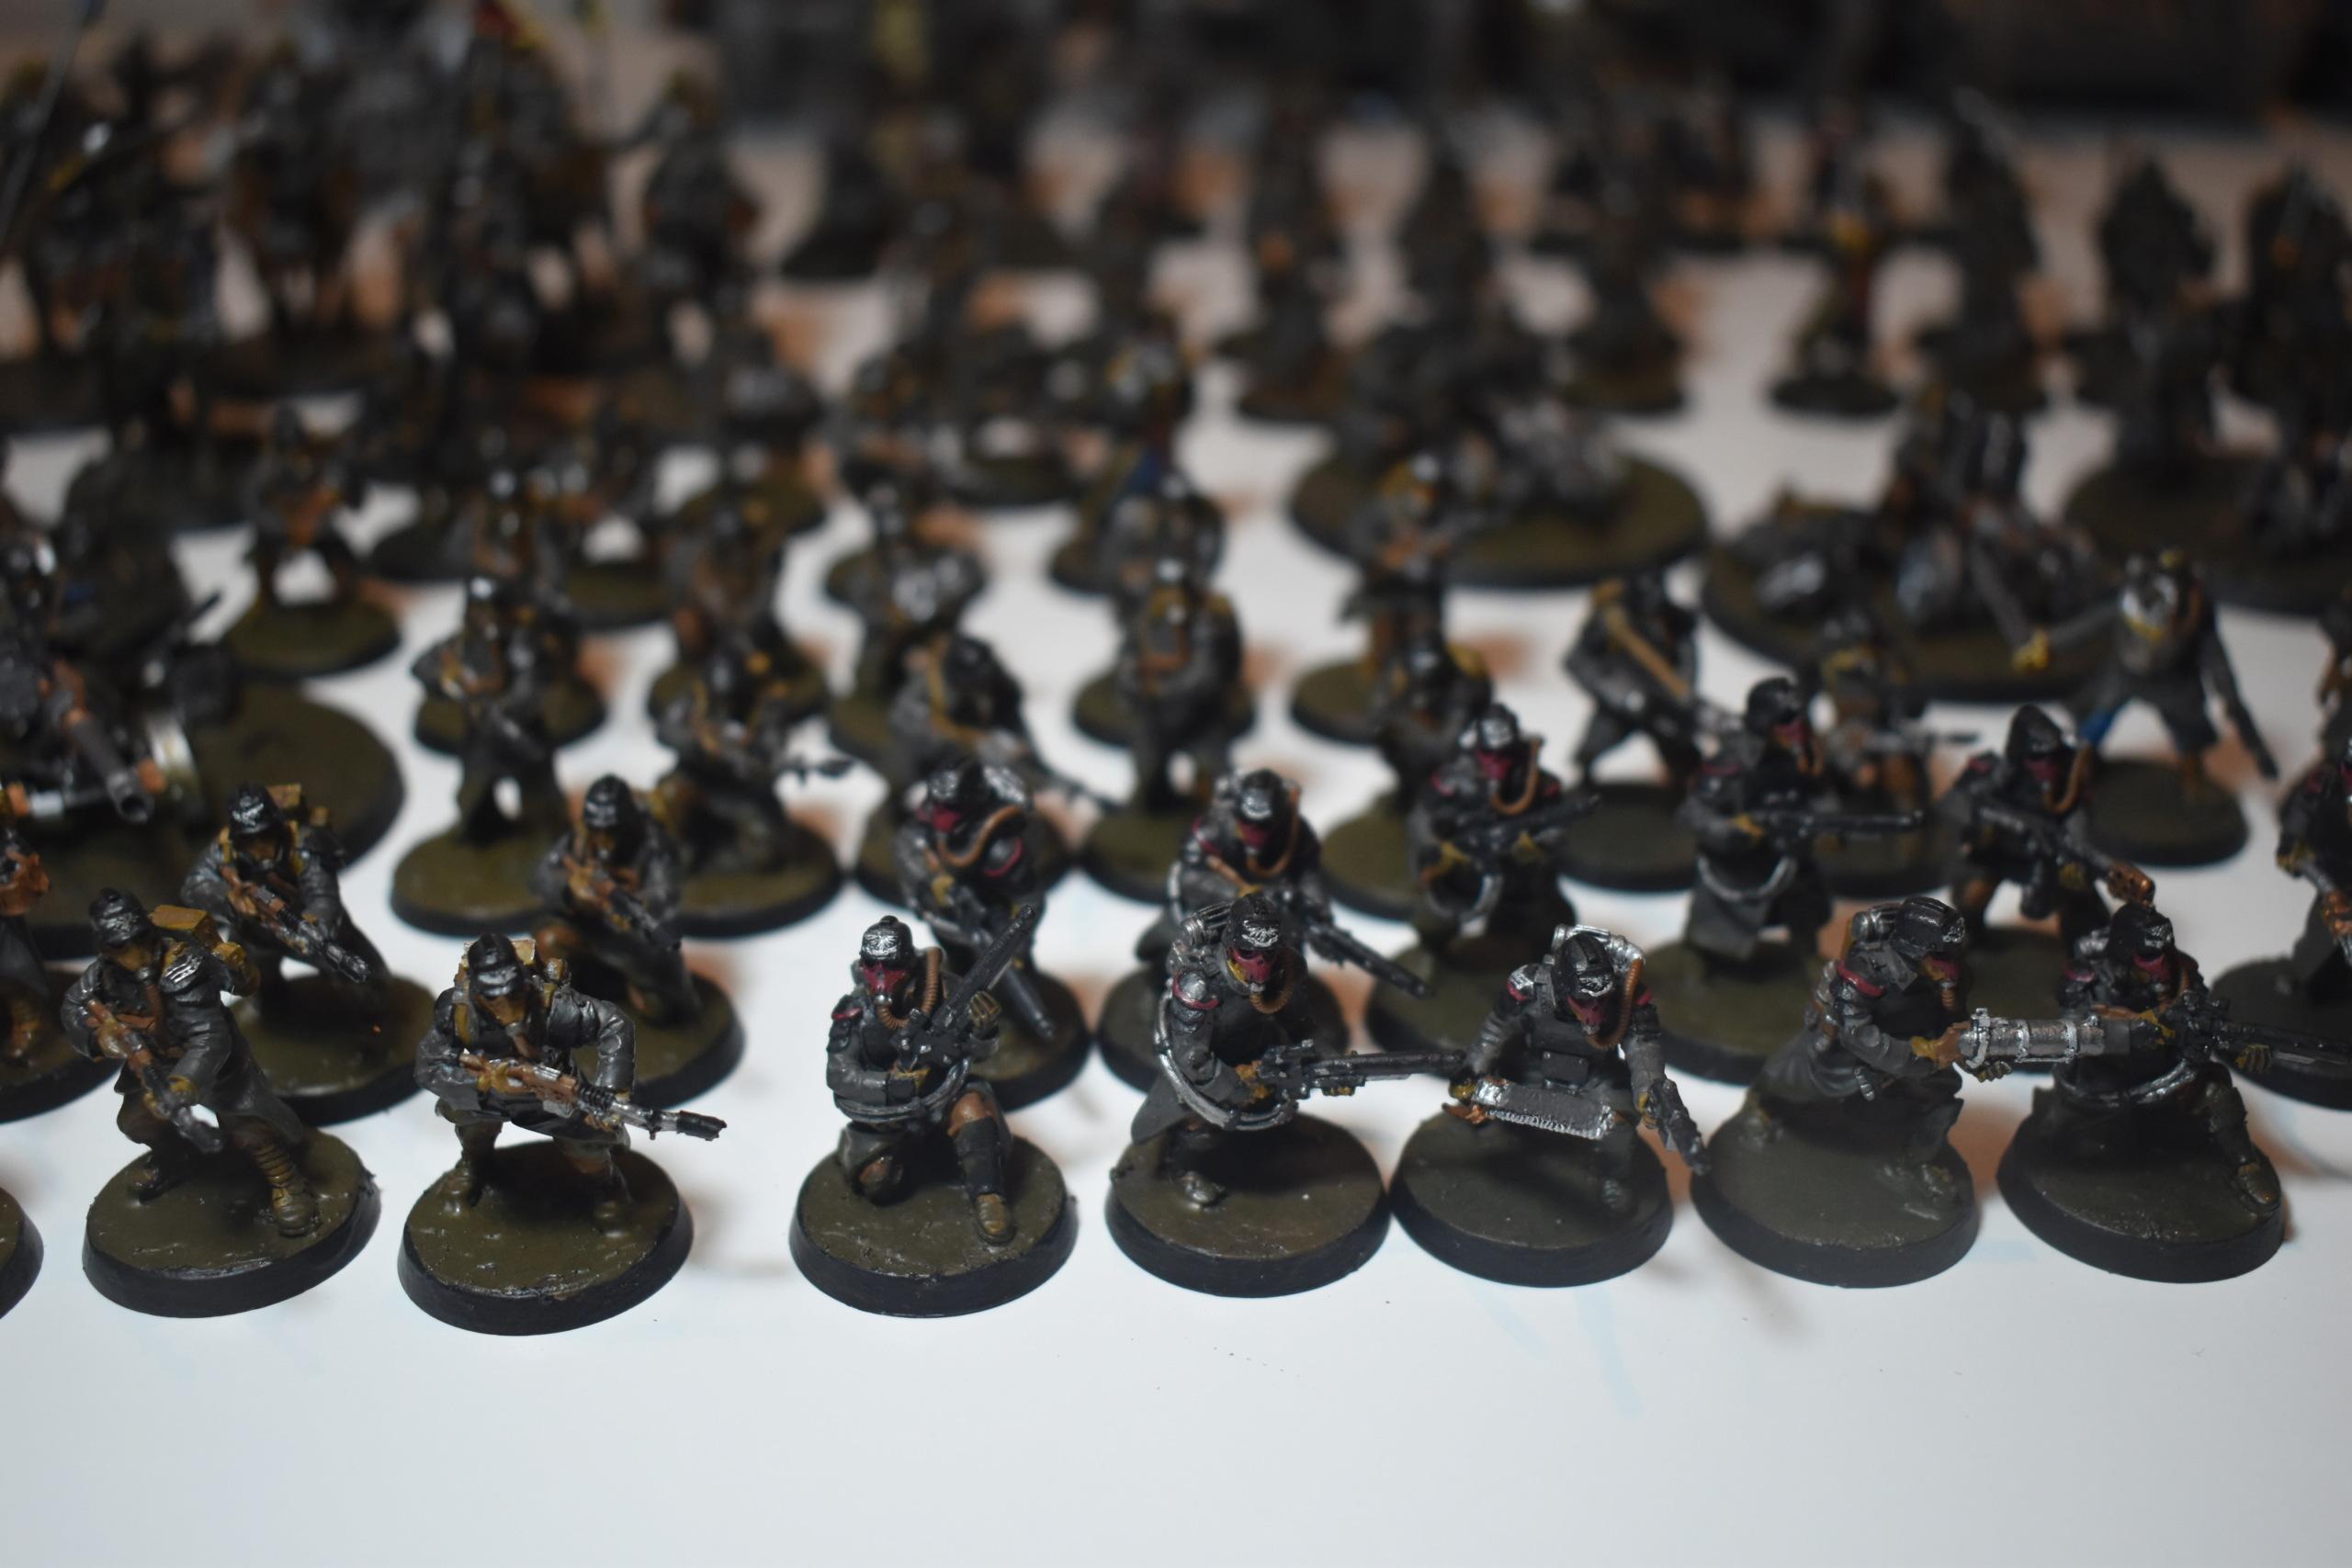 Les Armées de Nico. (Battle, 40K & HH) - Page 6 Dsc_0254